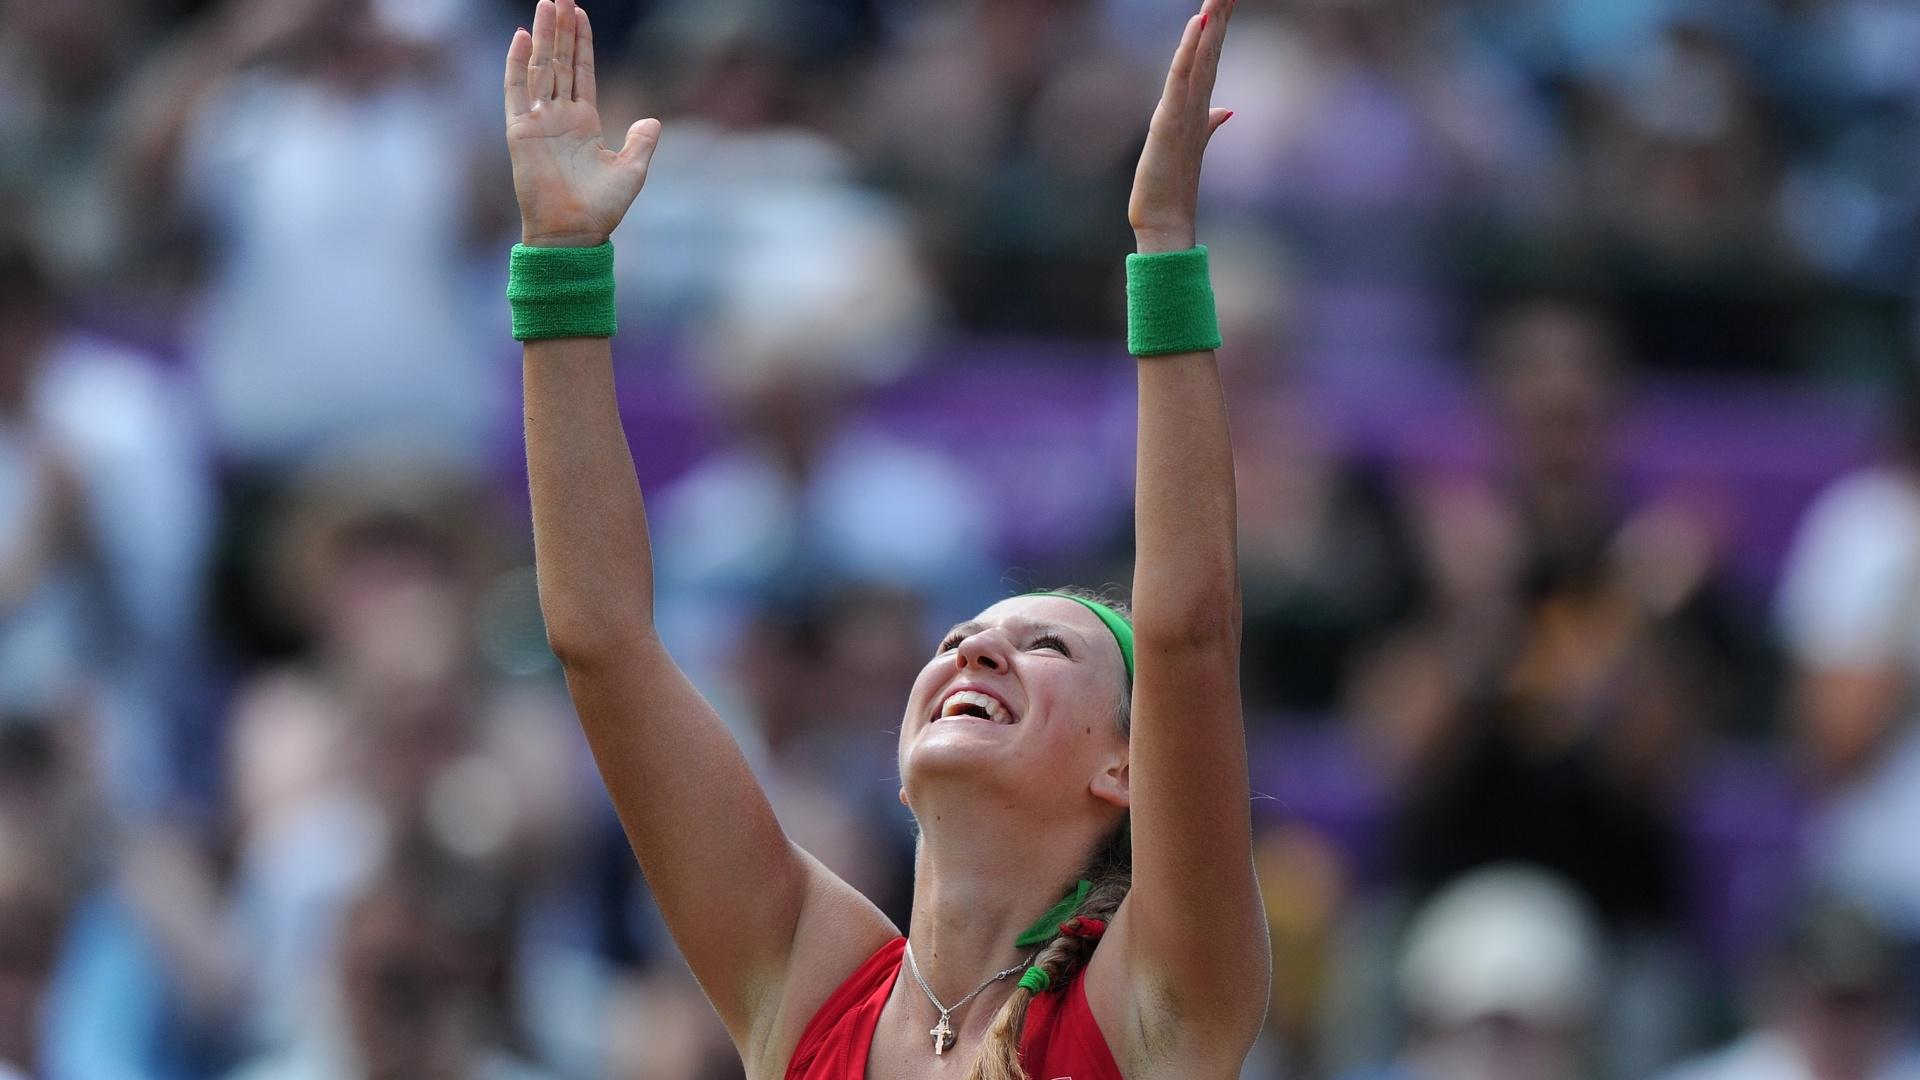 Bielorrussa Victoria Azarenka comemora ao vencer a russa Maria Kirilenko e conquistar a medalha de bronze no tênis olímpico (04/08/2012)